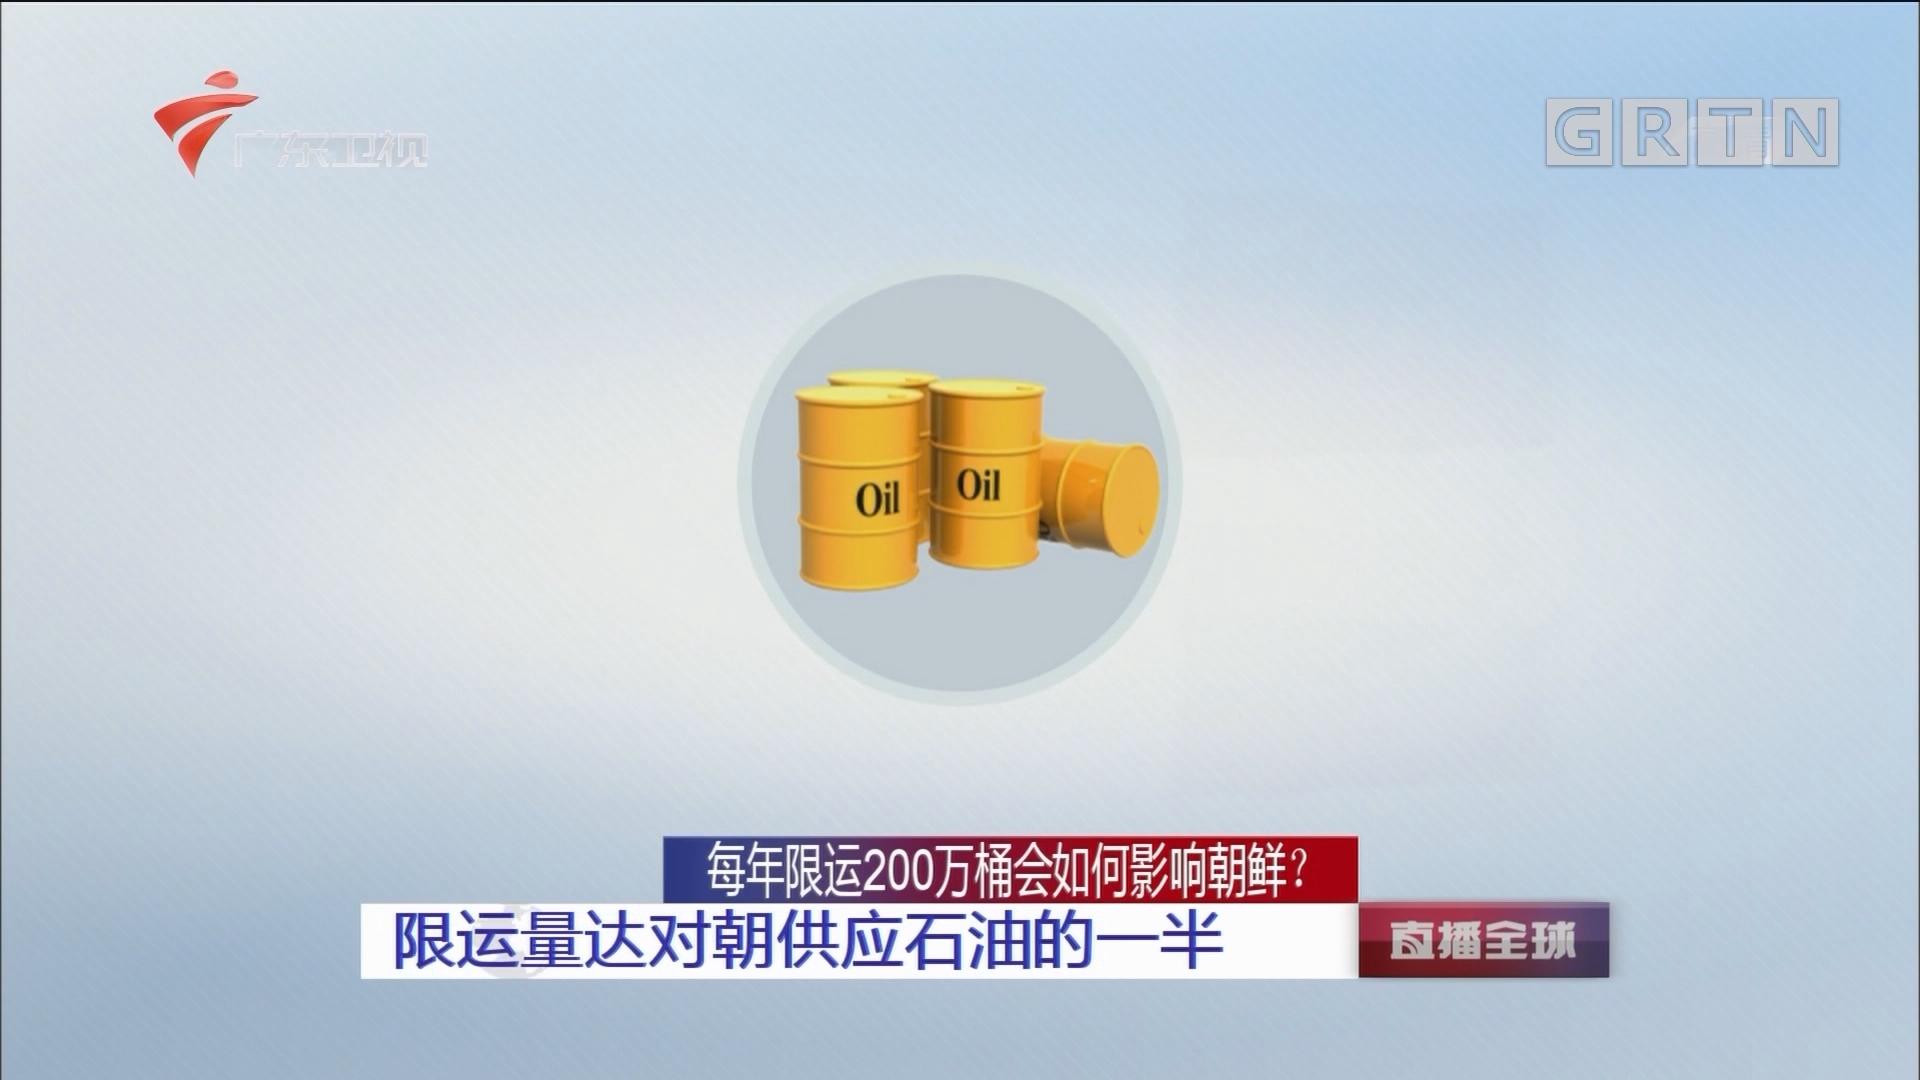 每年限运200万桶会如何影响朝鲜? 限运量达对朝供应石油的一半